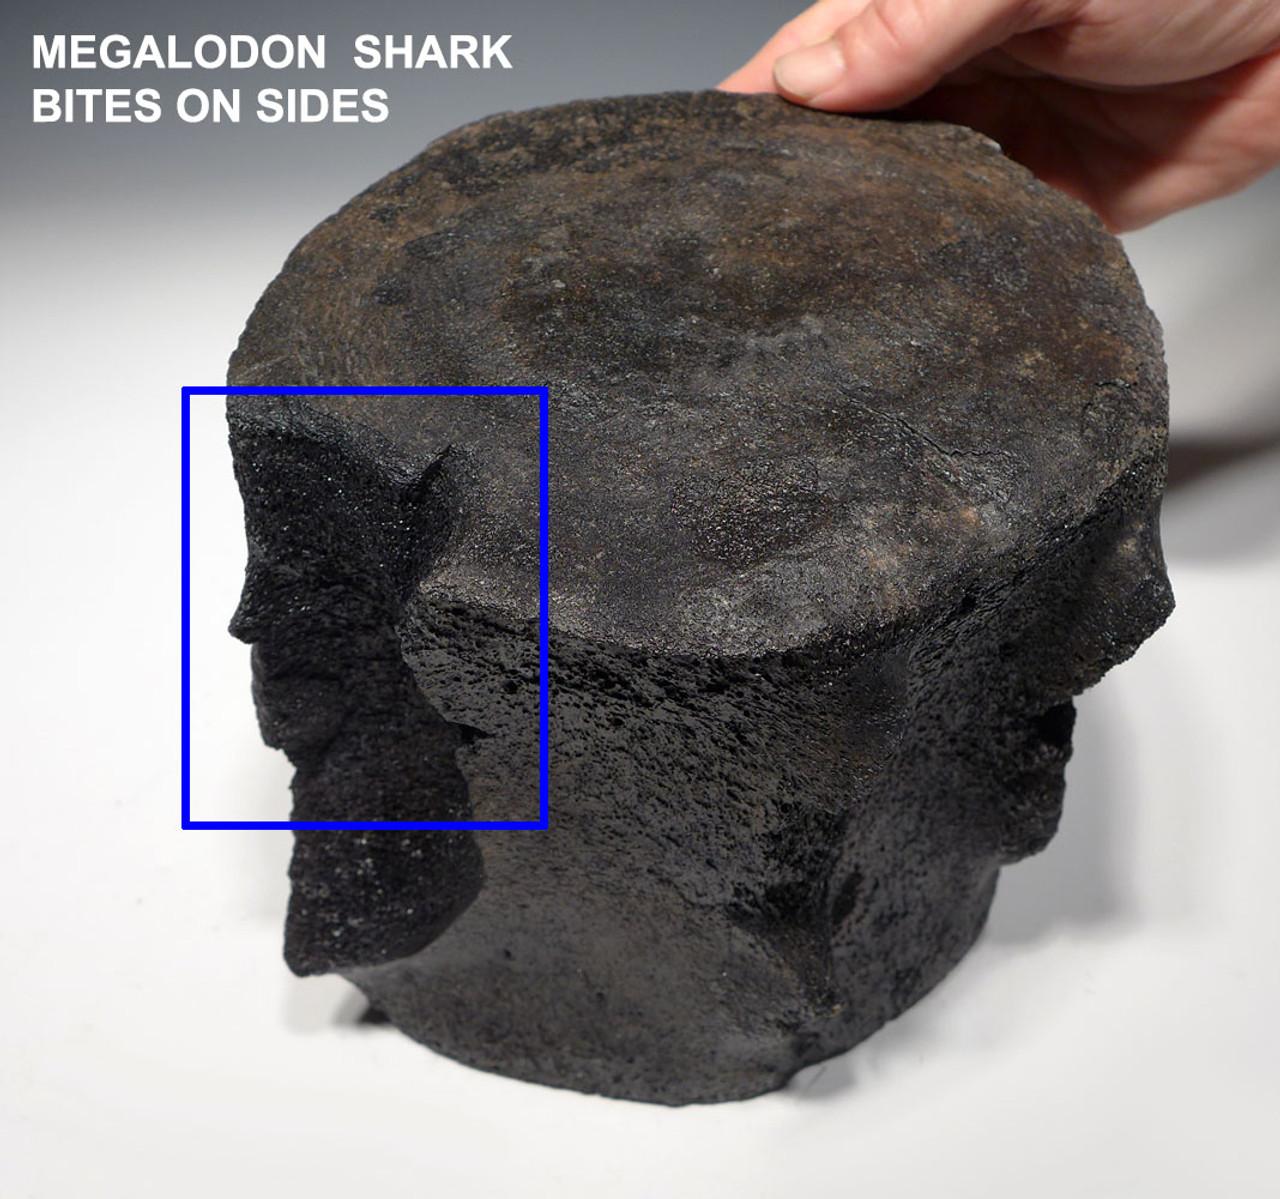 RARE LARGE FOSSIL SPERM WHALE VERTEBRA  WITH MEGALODON SHARK BITES *WH045